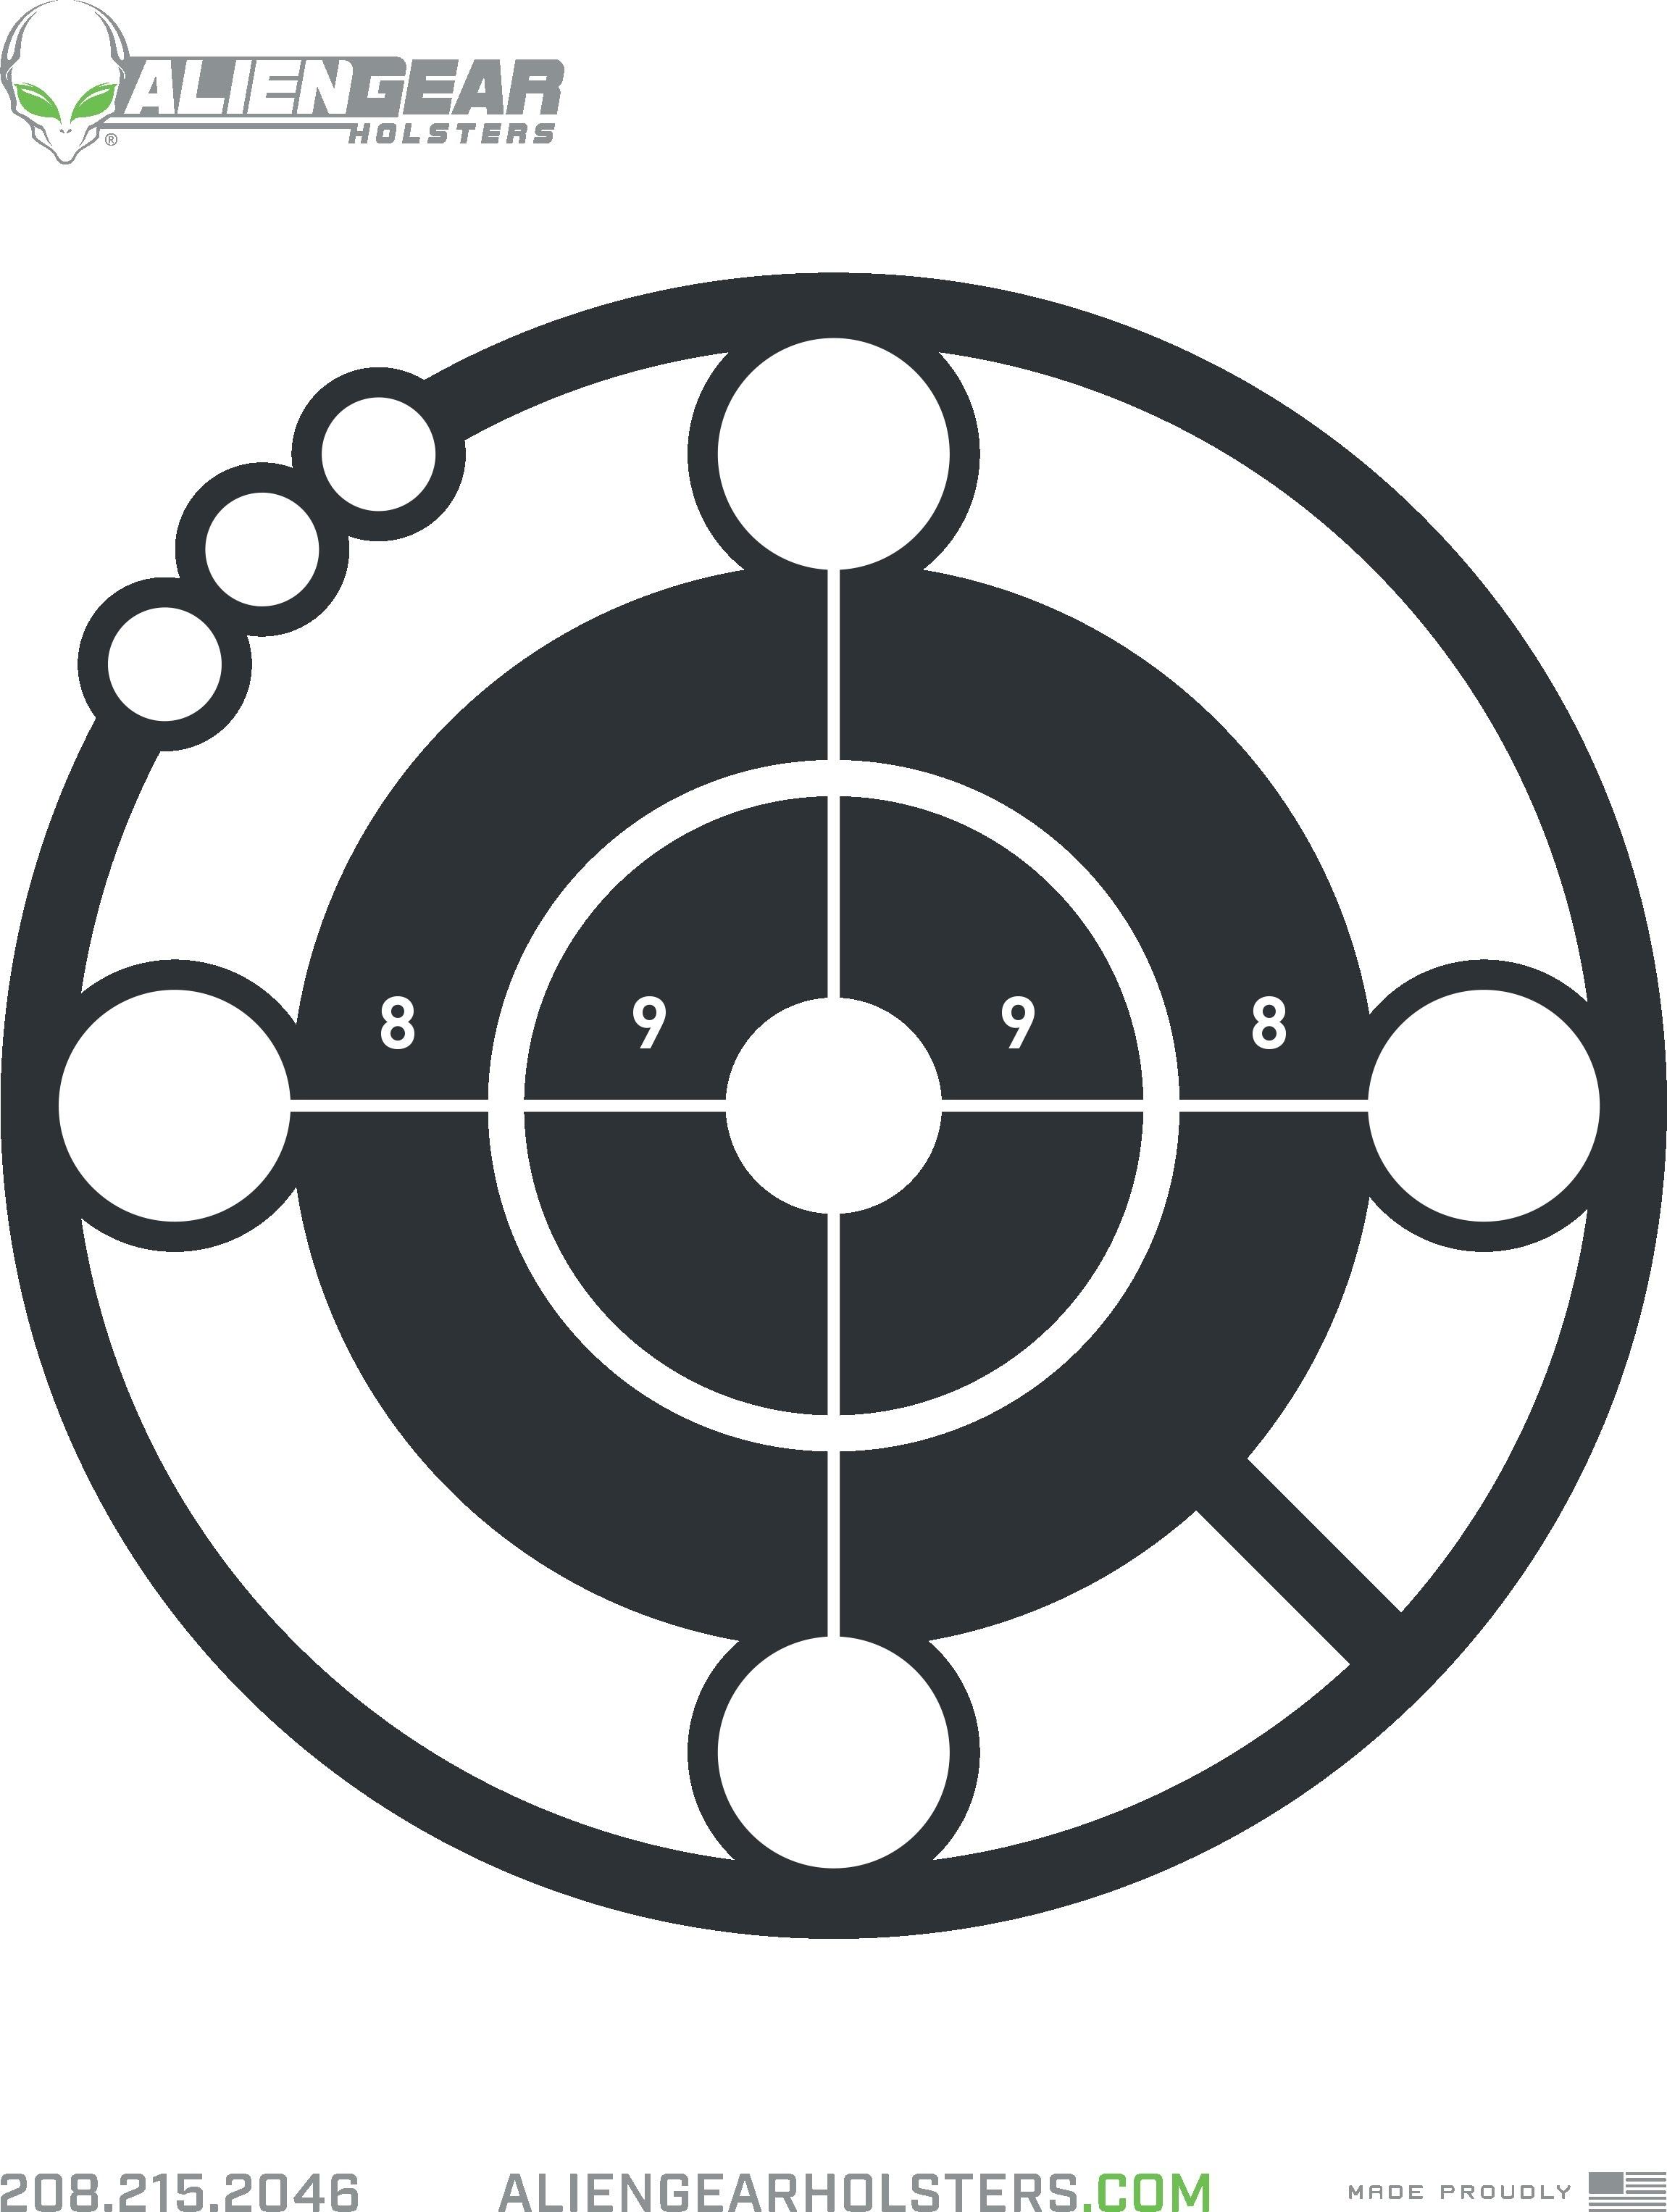 Free Printable Shooting Targets - Free Printable Targets For Shooting Practice